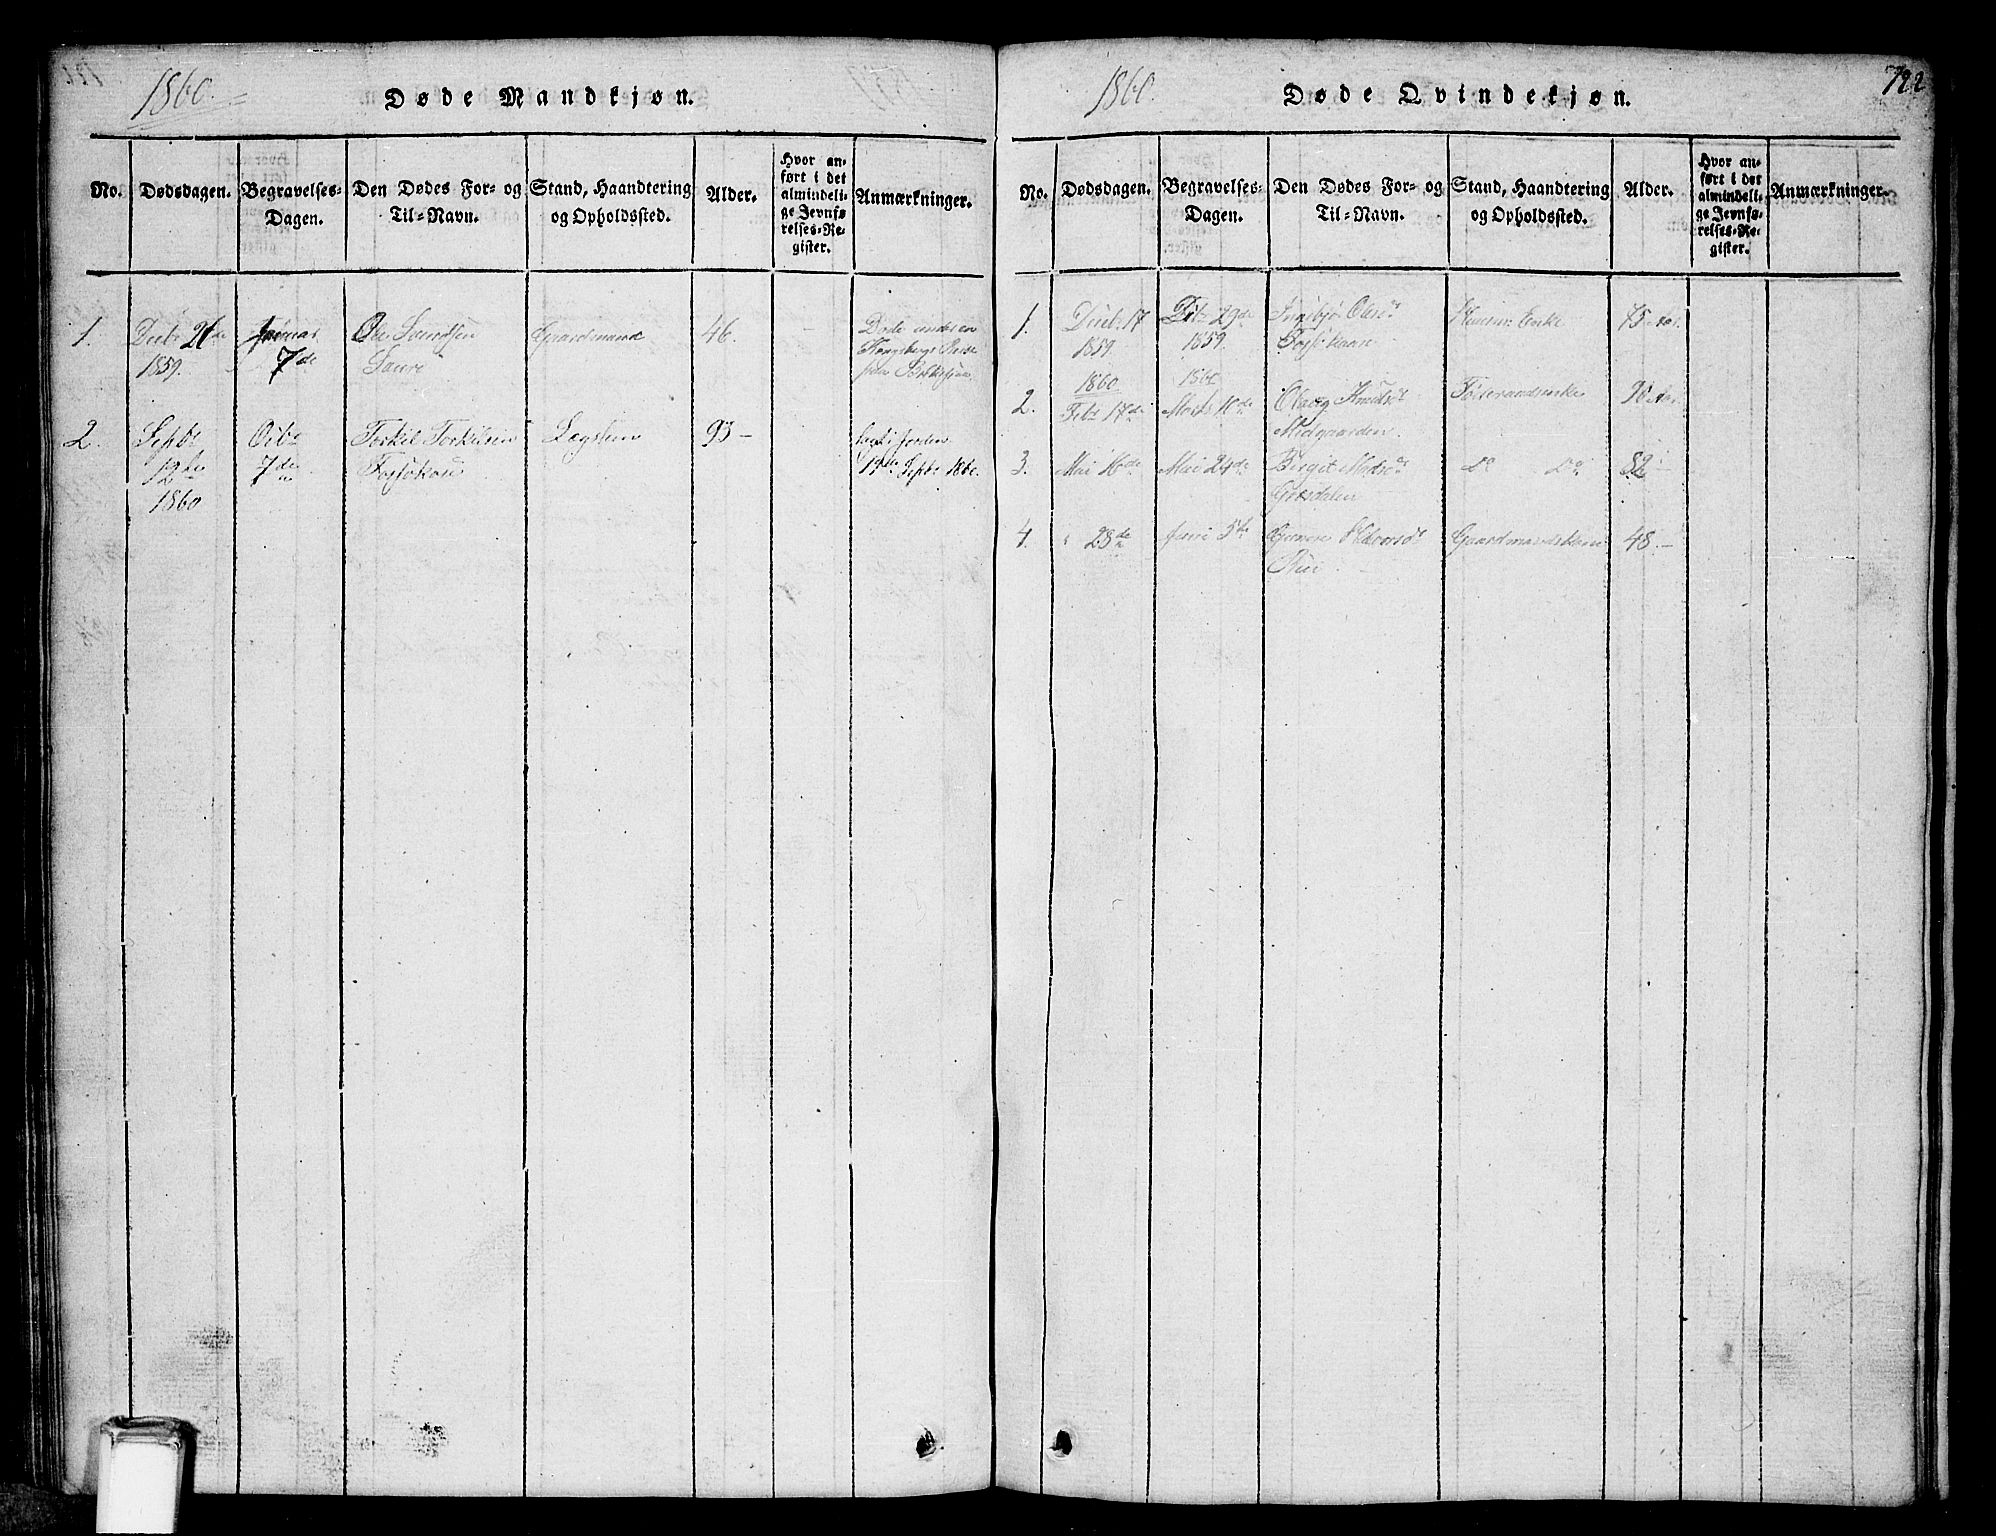 SAKO, Gransherad kirkebøker, G/Gb/L0001: Klokkerbok nr. II 1, 1815-1860, s. 122